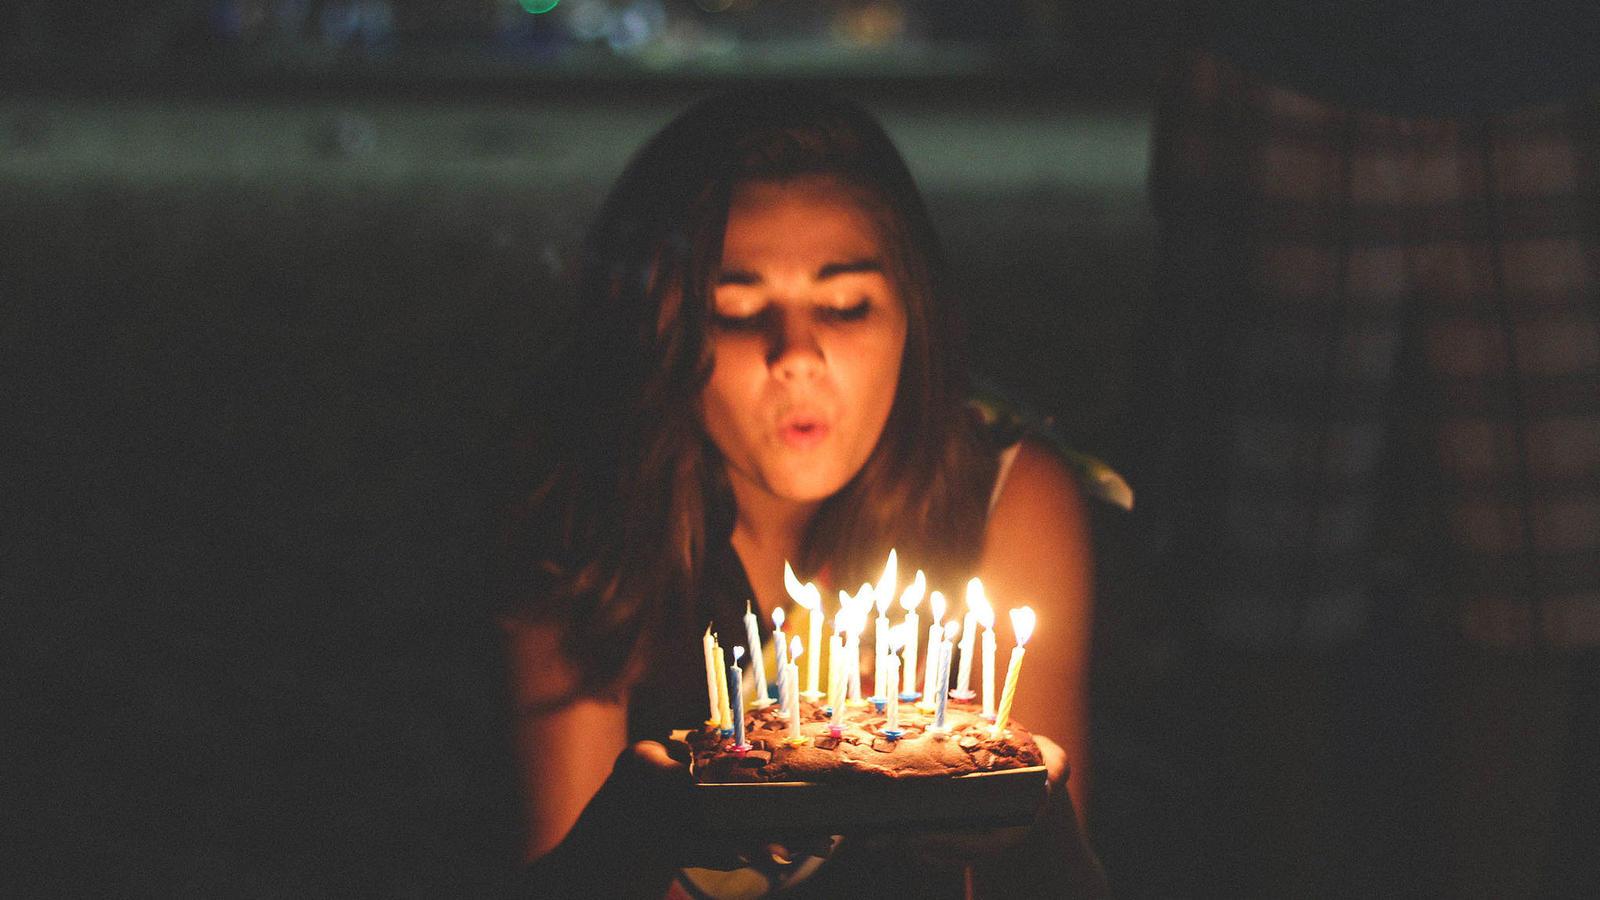 N/úmero 65 Set de Velas de Pastel de Cumplea/ños Arco/íris Velas de N/úmero de Cumplea/ños y 12 Piezas Toppers Velas Espiral Colorido de Pastel para Fiesta Aniversario Cumplea/ños